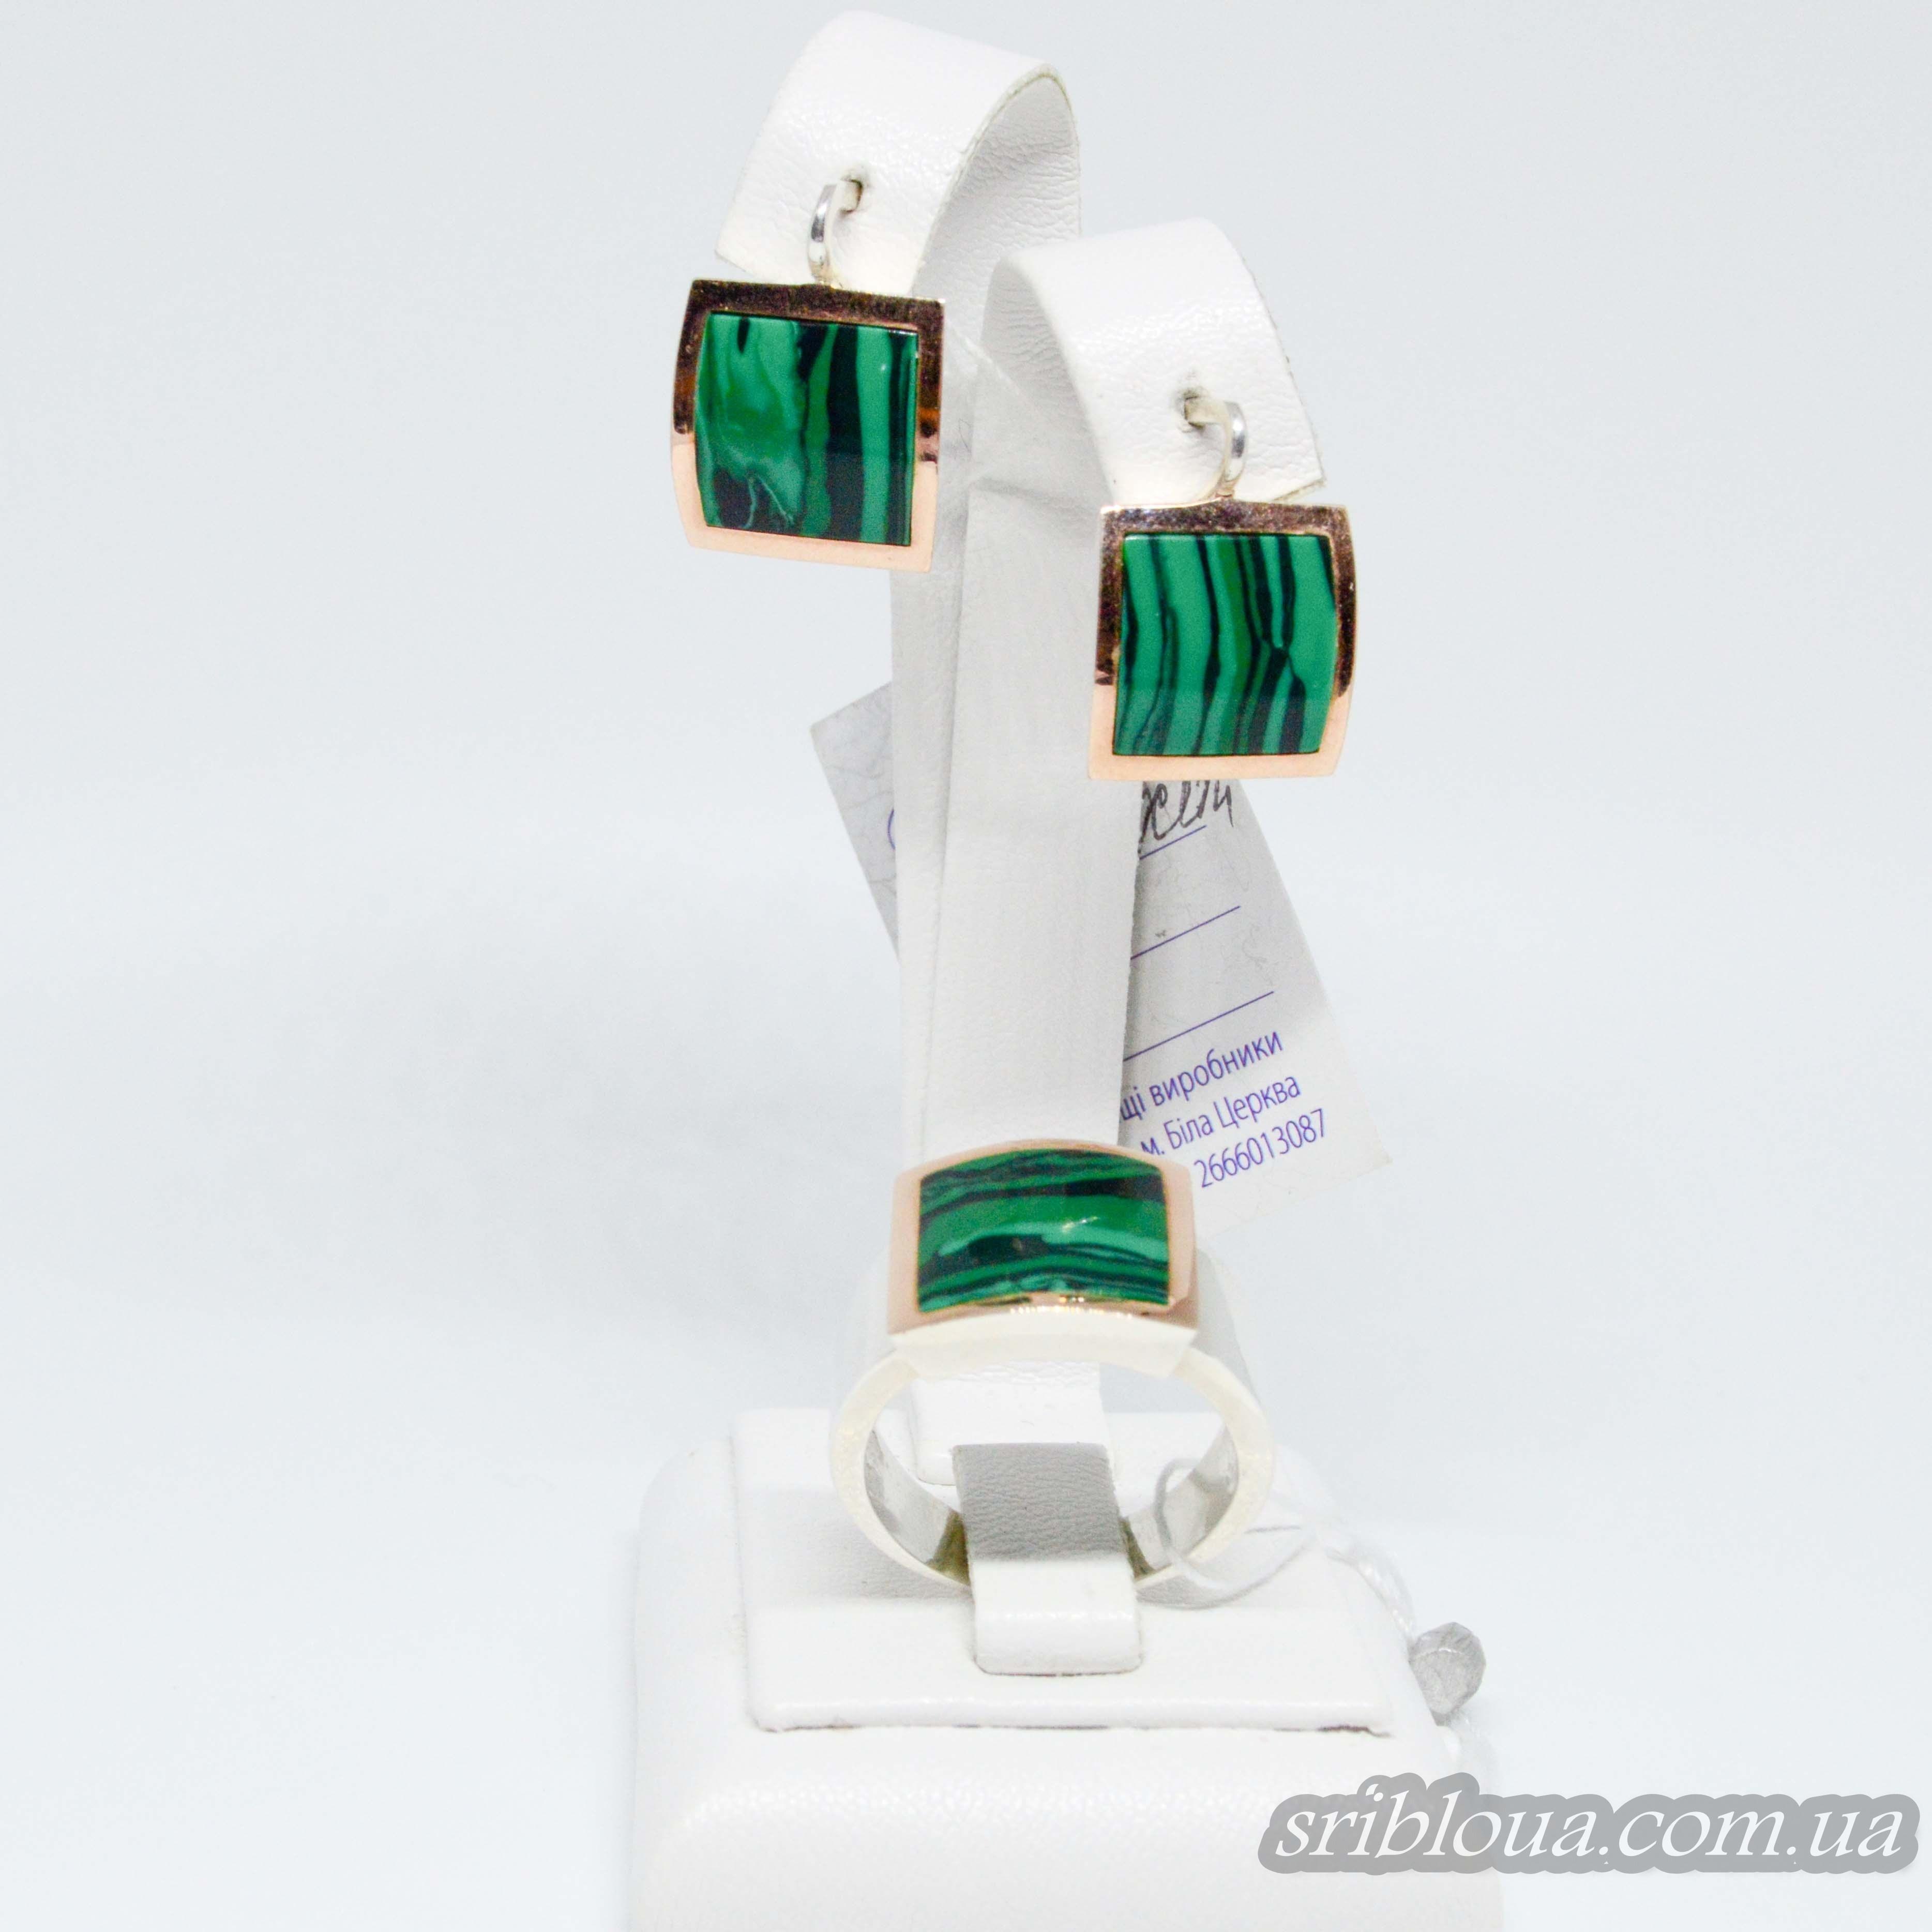 Серебряный набор кольцо+серьги с позолотой, вставками малахита (арт. Nab.783500+783700)